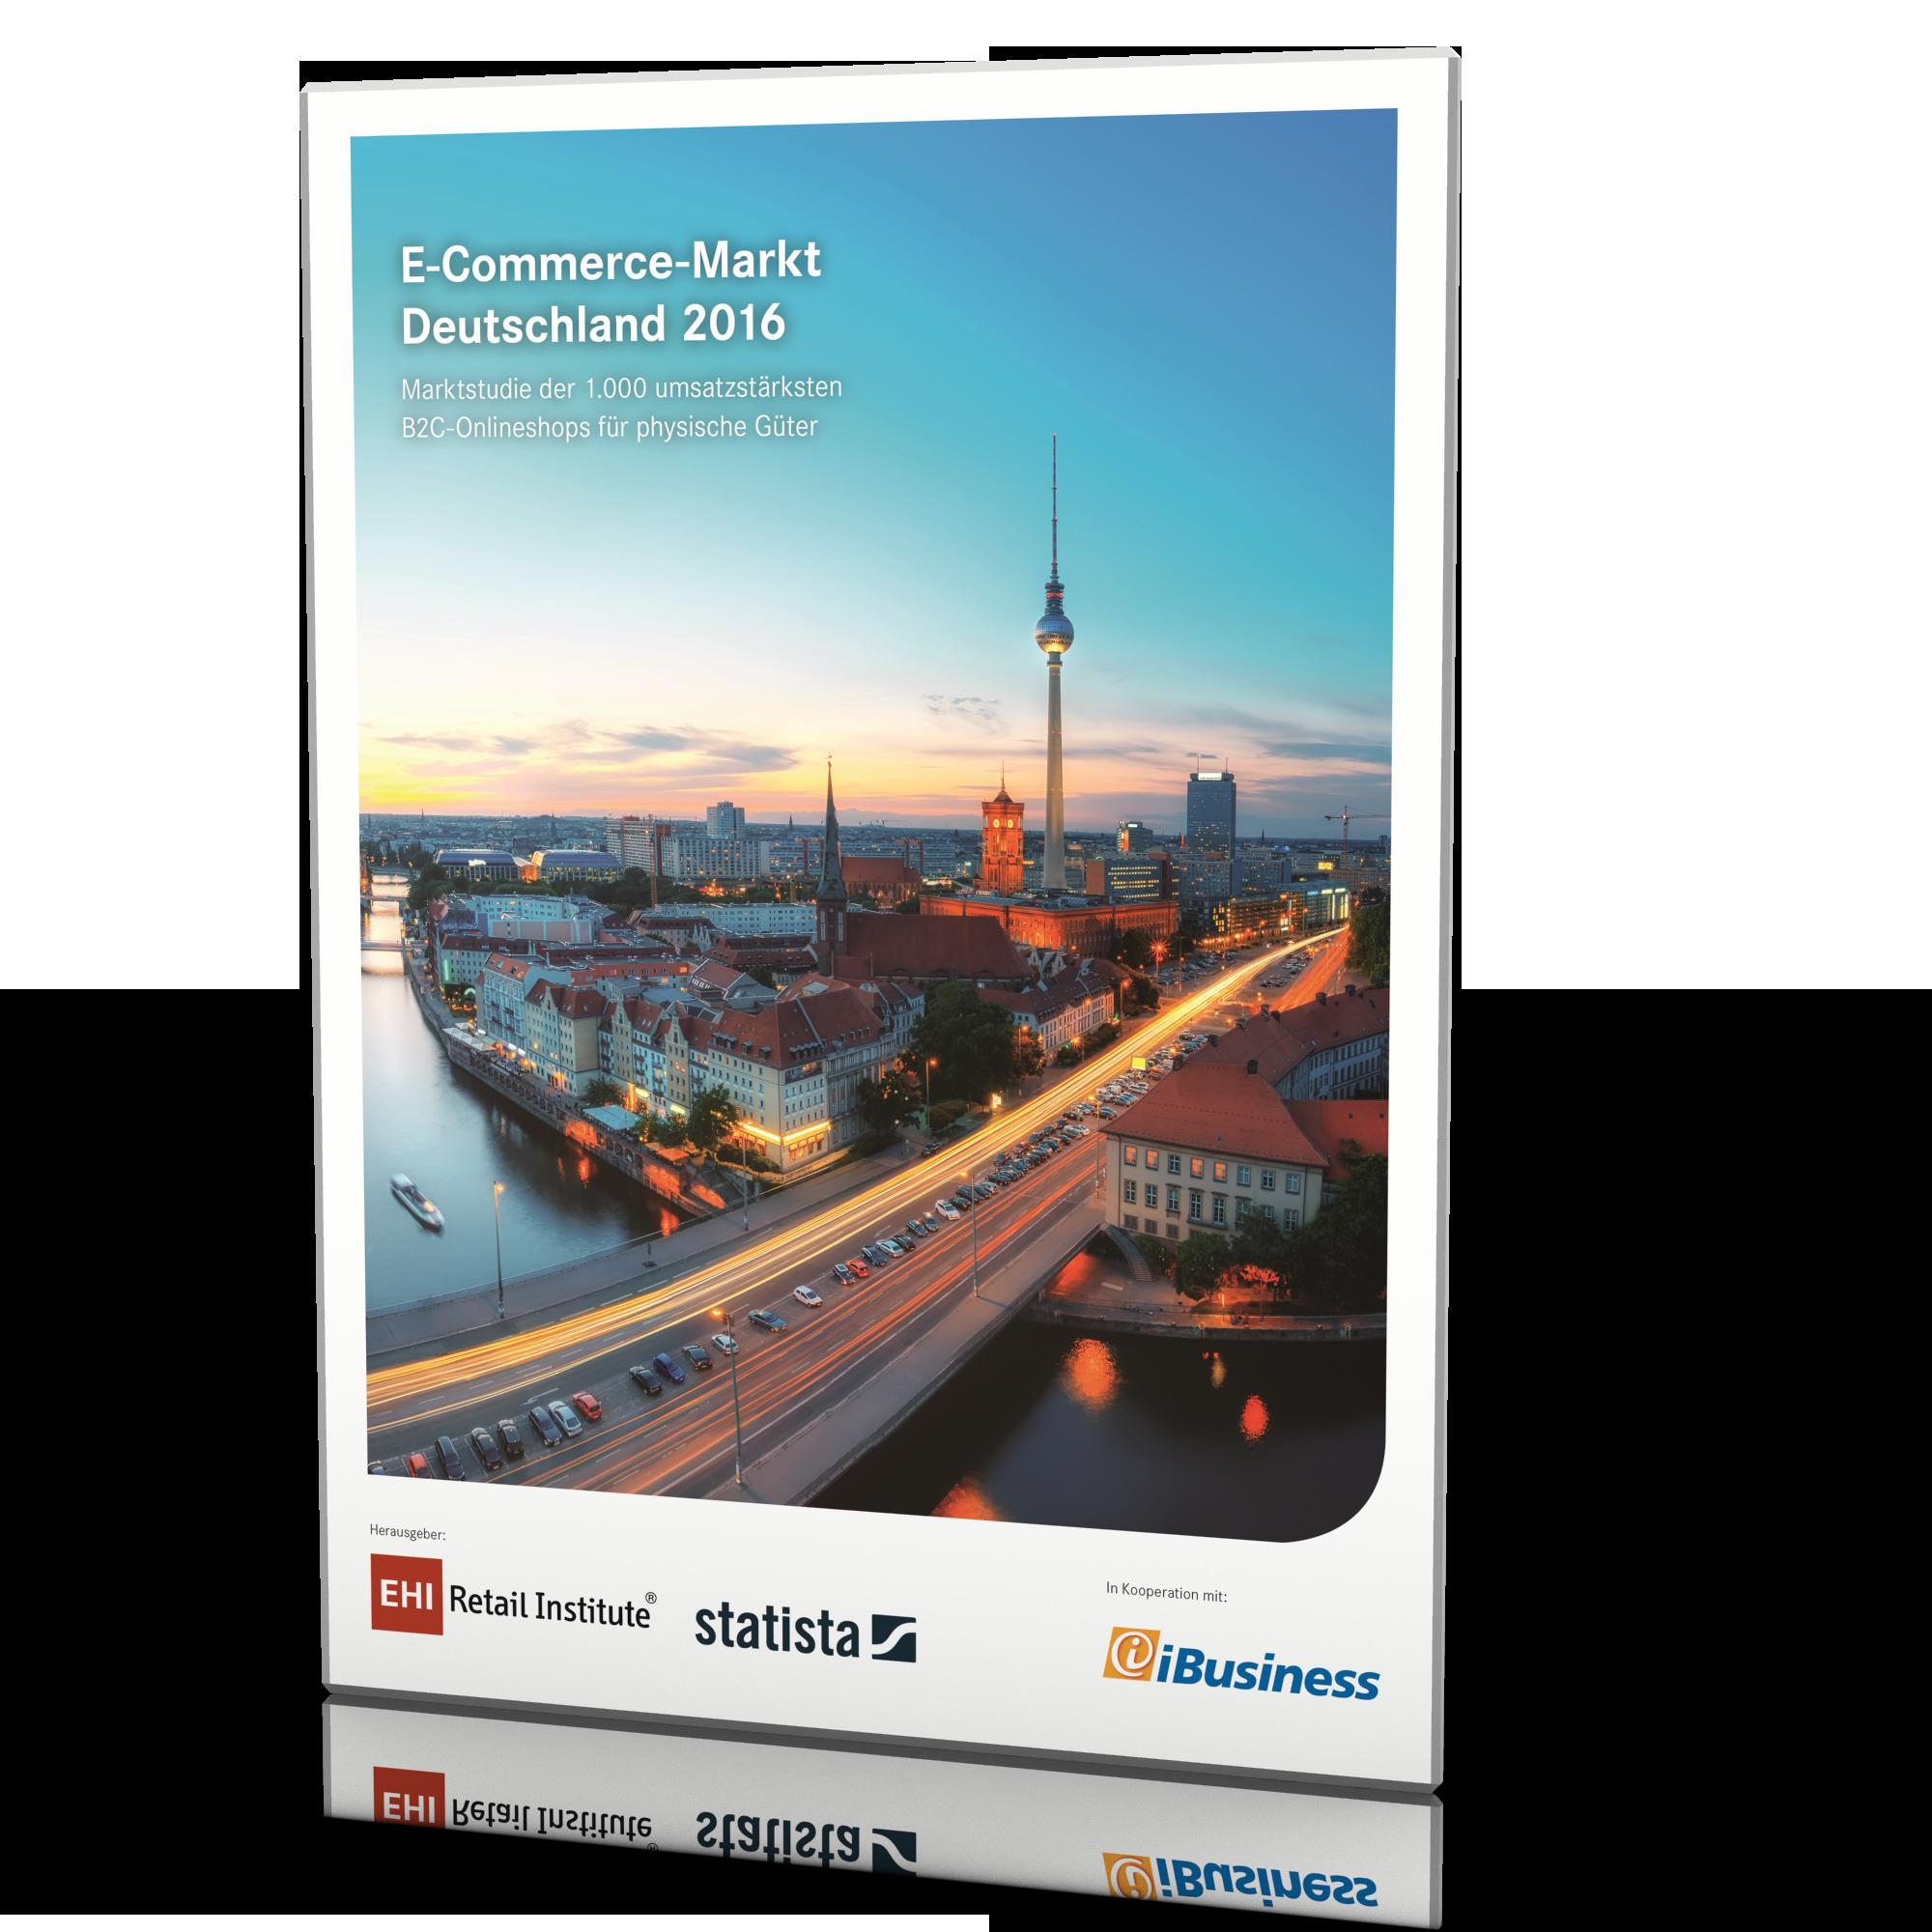 E-Commerce Markt Deutschland 2016